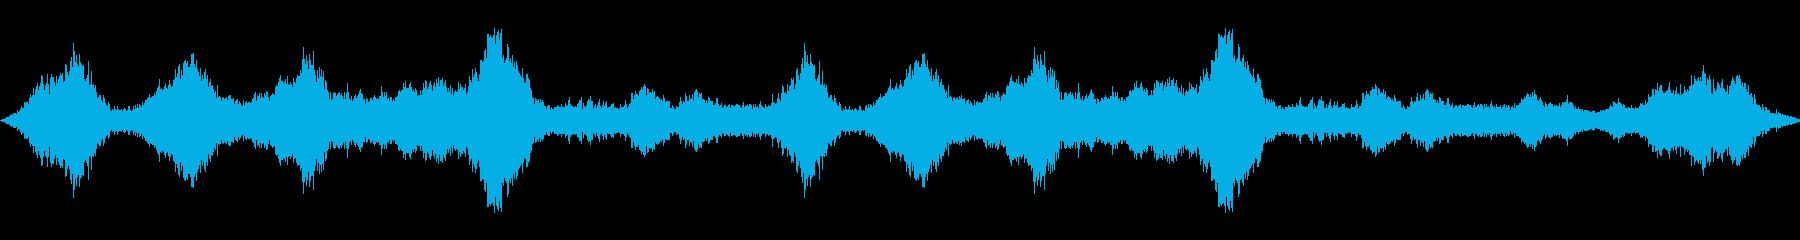 VORTEX WIND:強烈な鞭打...の再生済みの波形